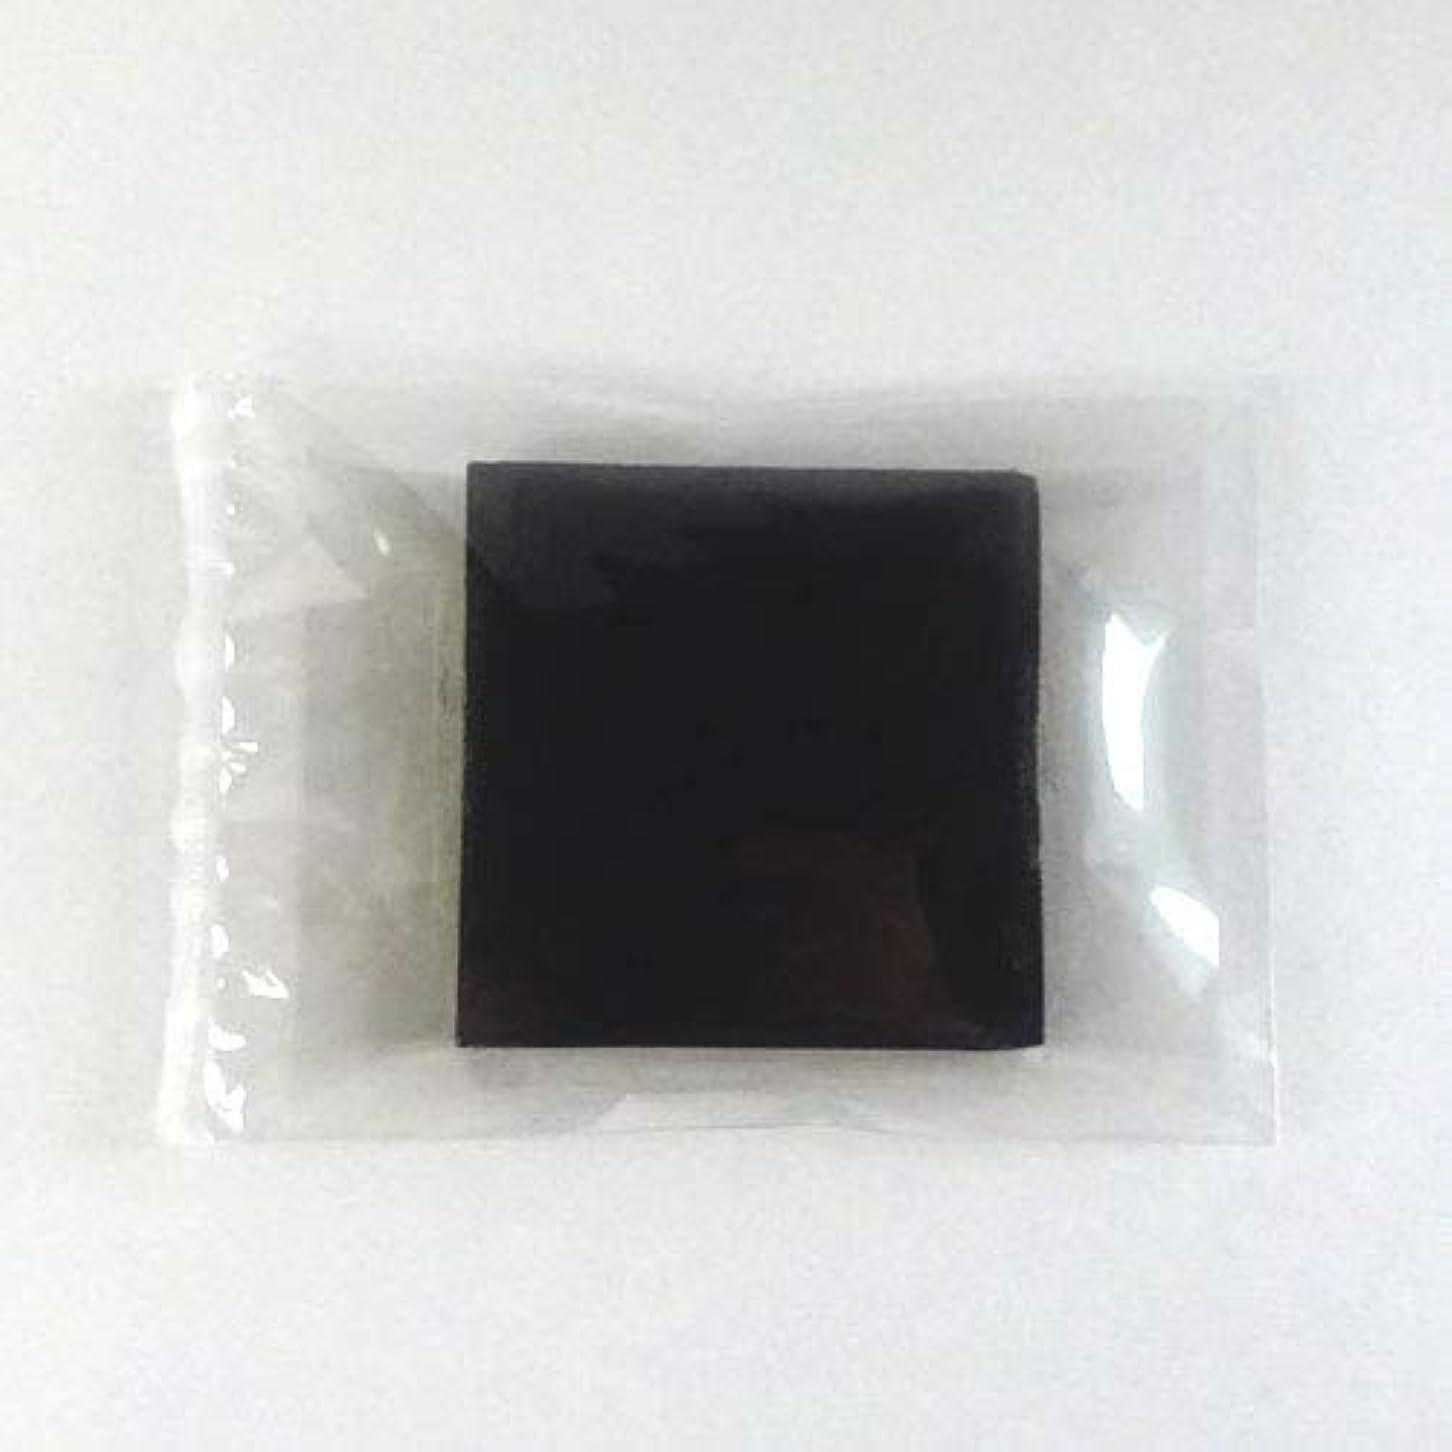 第二最終まともなグリセリンソープ MPソープ 色チップ 黒(ブラック) 120g(30g x 4pc)